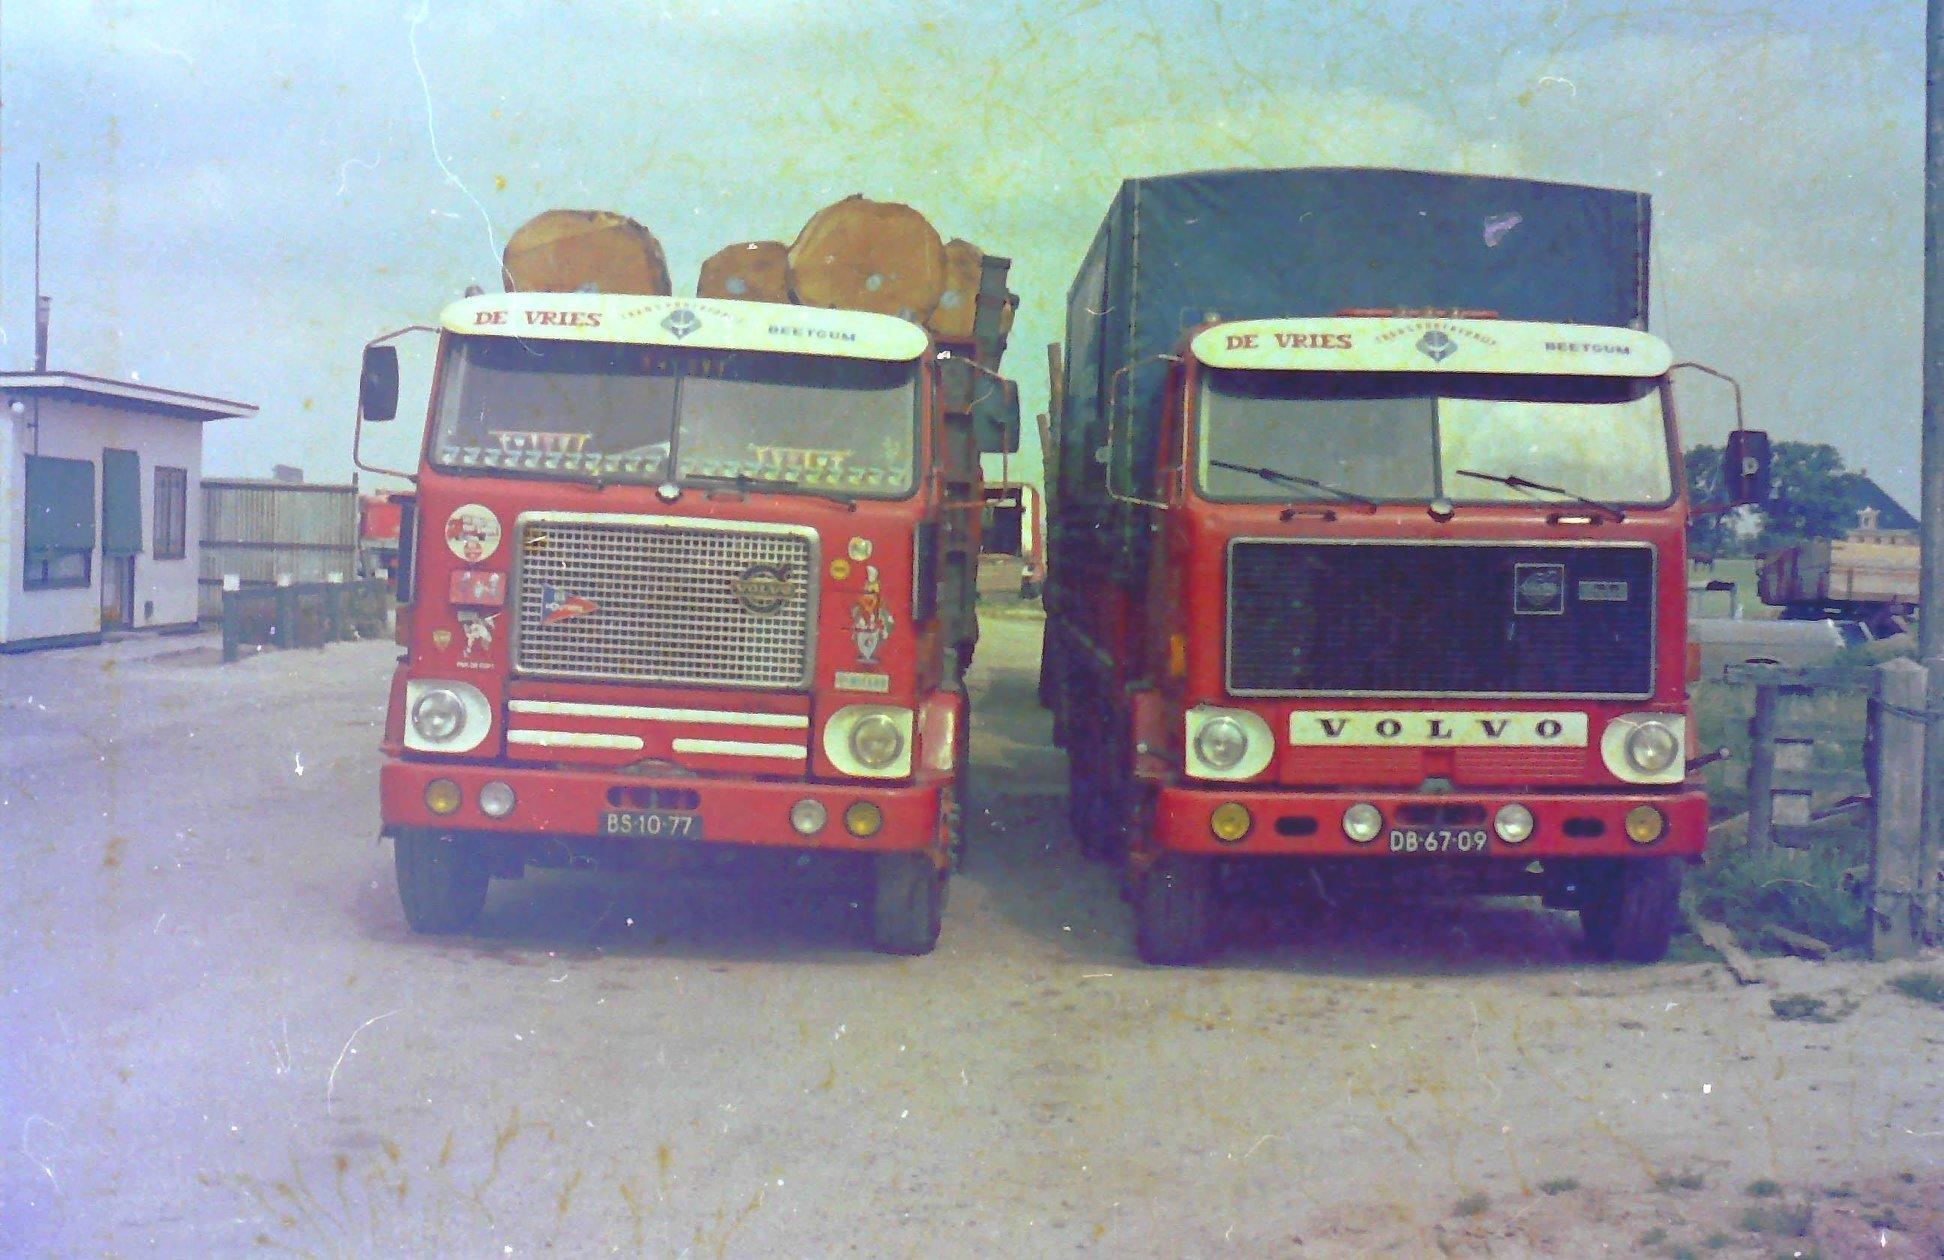 Volvo-bomen-trailer-voor-grote-bomen-uit-Frankrijk-voor-Talens-poloden-fabriek--1